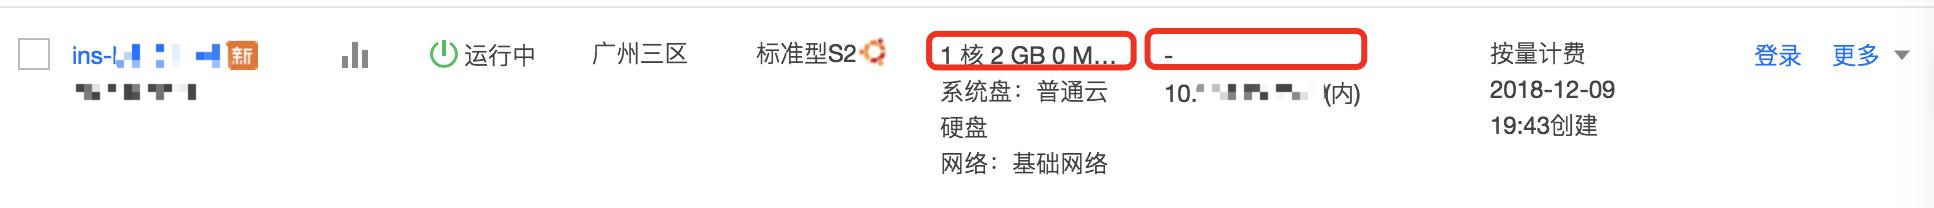 无公网IP